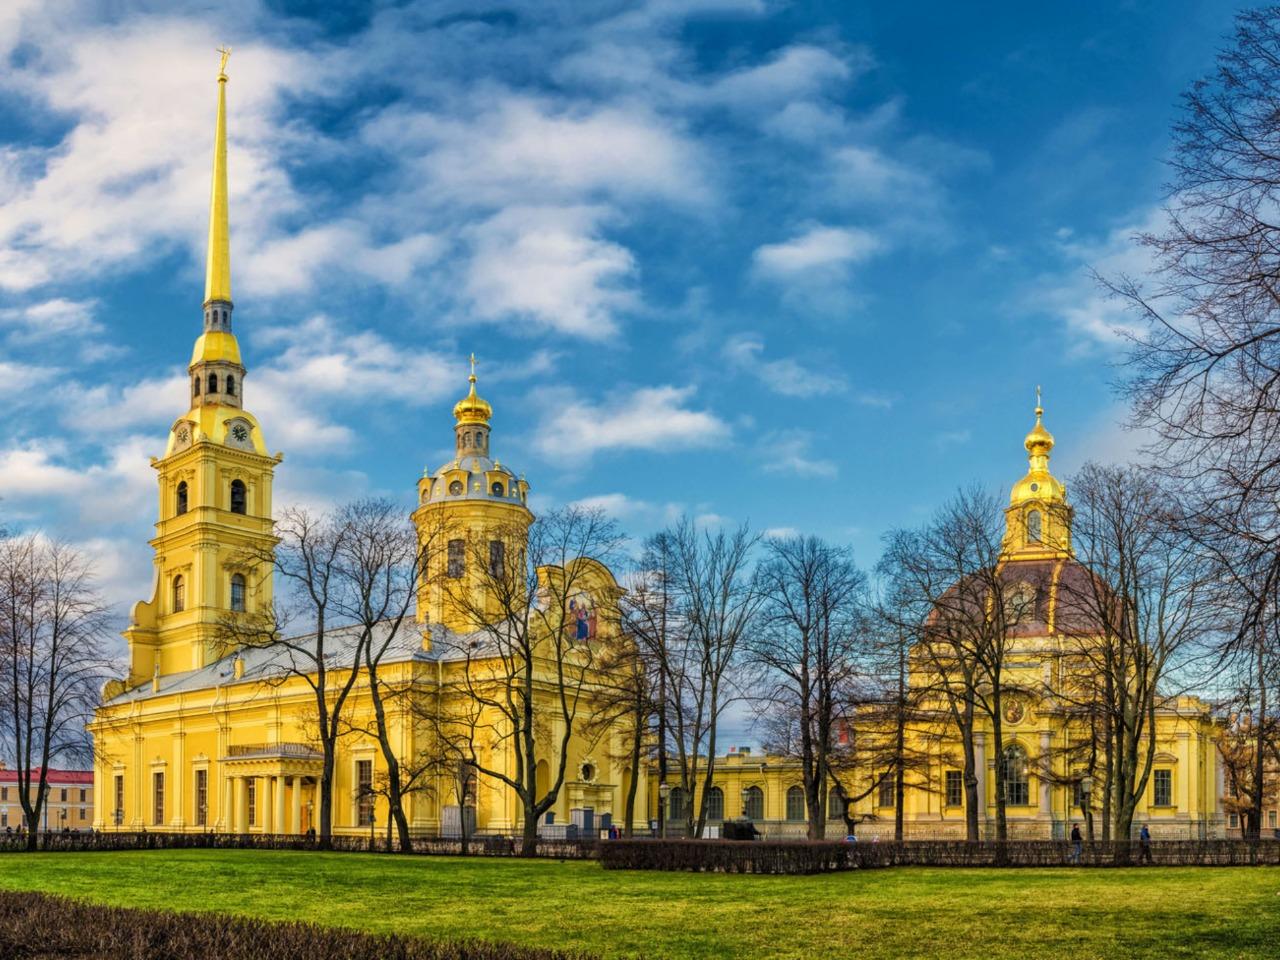 Петропавловская крепость - индивидуальная экскурсия по Санкт-Петербургу от опытного гида